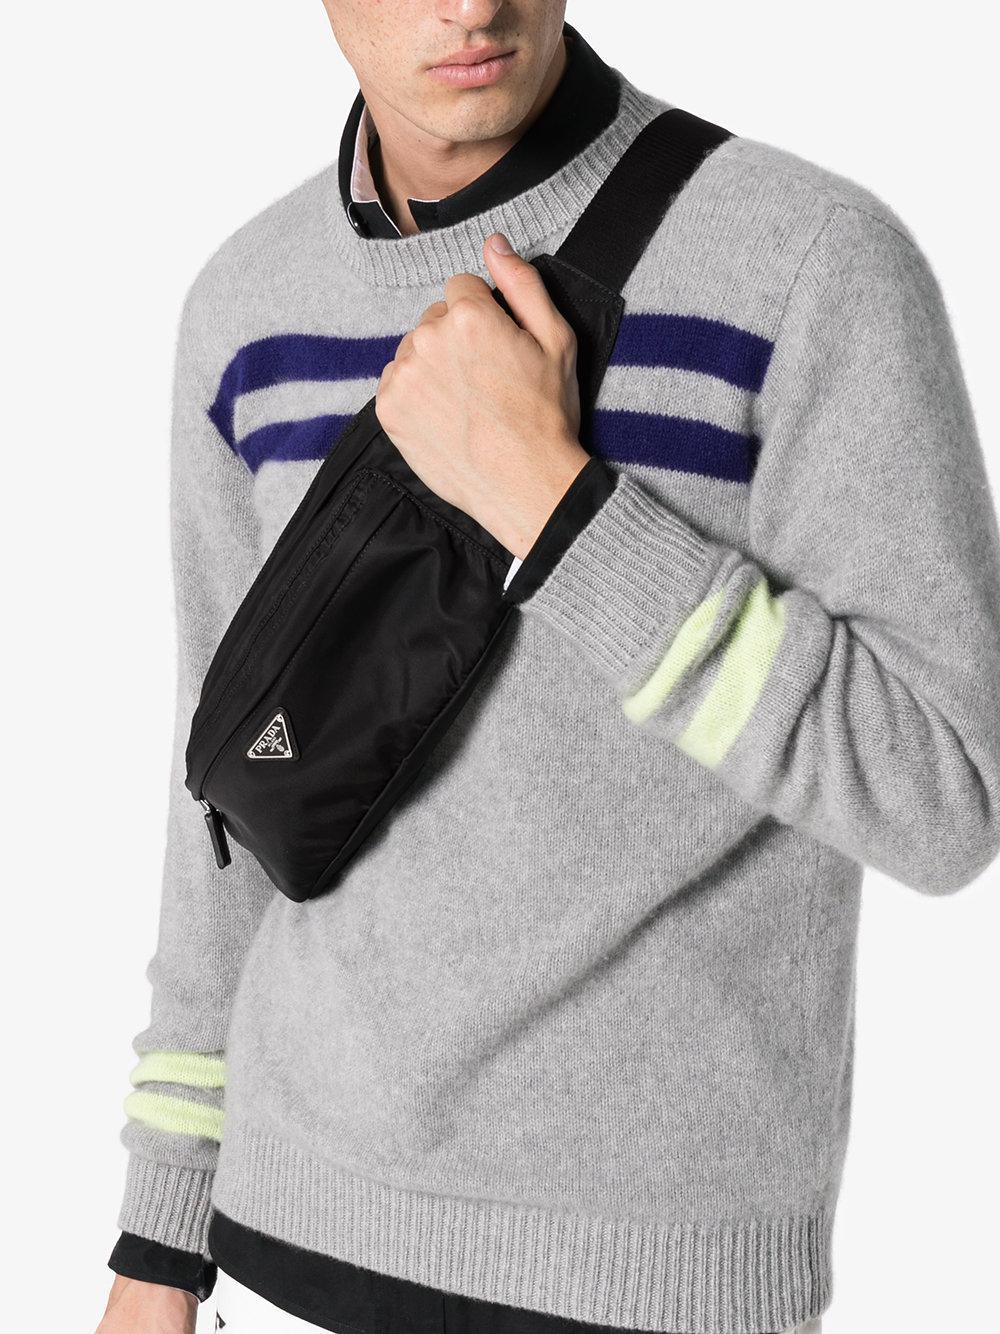 8393530e66d7 Prada Black Logo Crossbody Belt Bag in Black for Men - Lyst